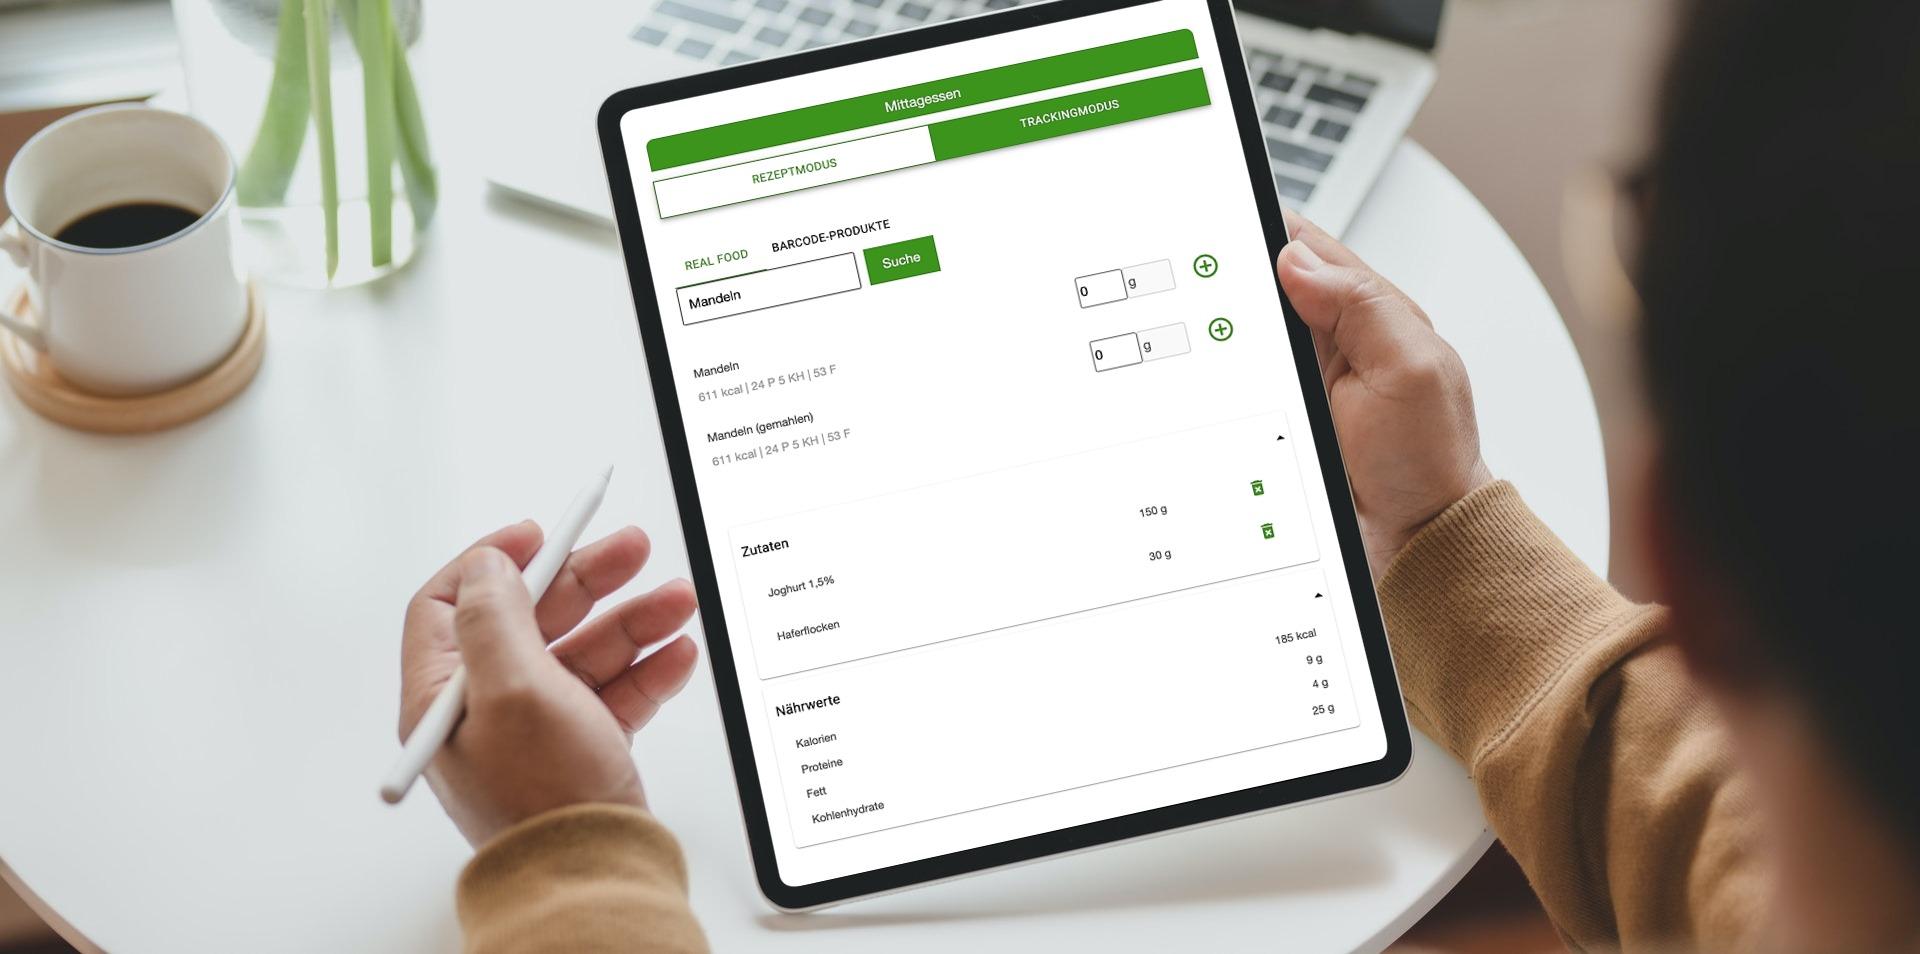 Ernährungsberater Software mit App für Ernährungscoaching - Ernährungspläne, Rezepte, Einkaufslisten - Trackingmodus